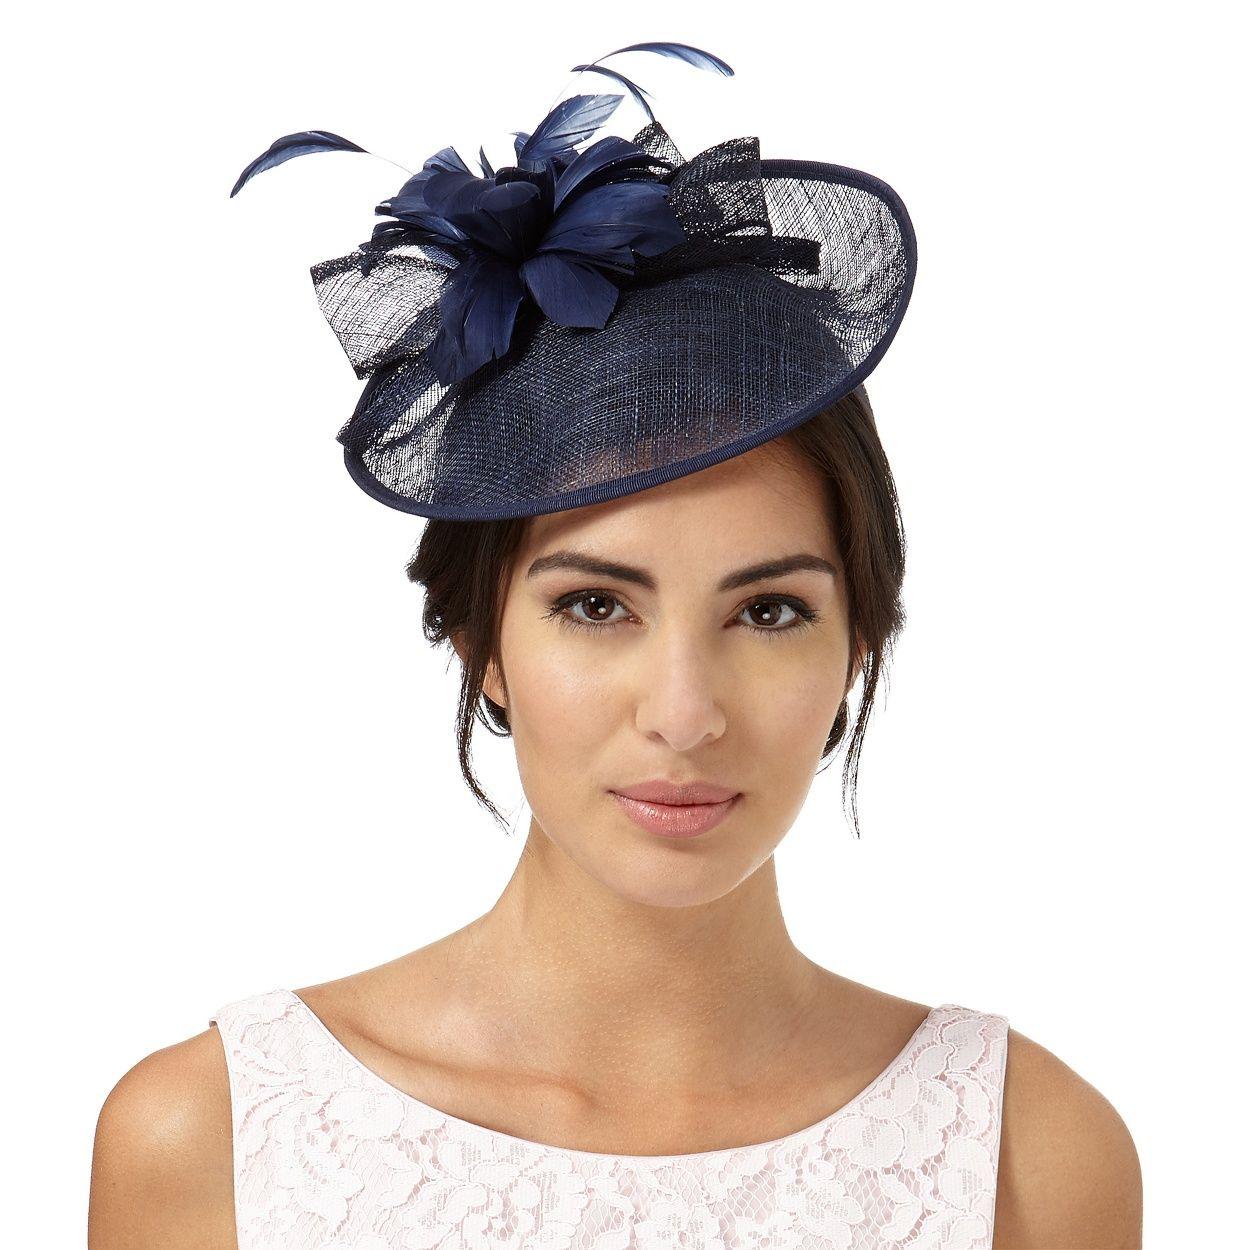 9d4d6aecda7d7 Occasion hats   fascinators - Women